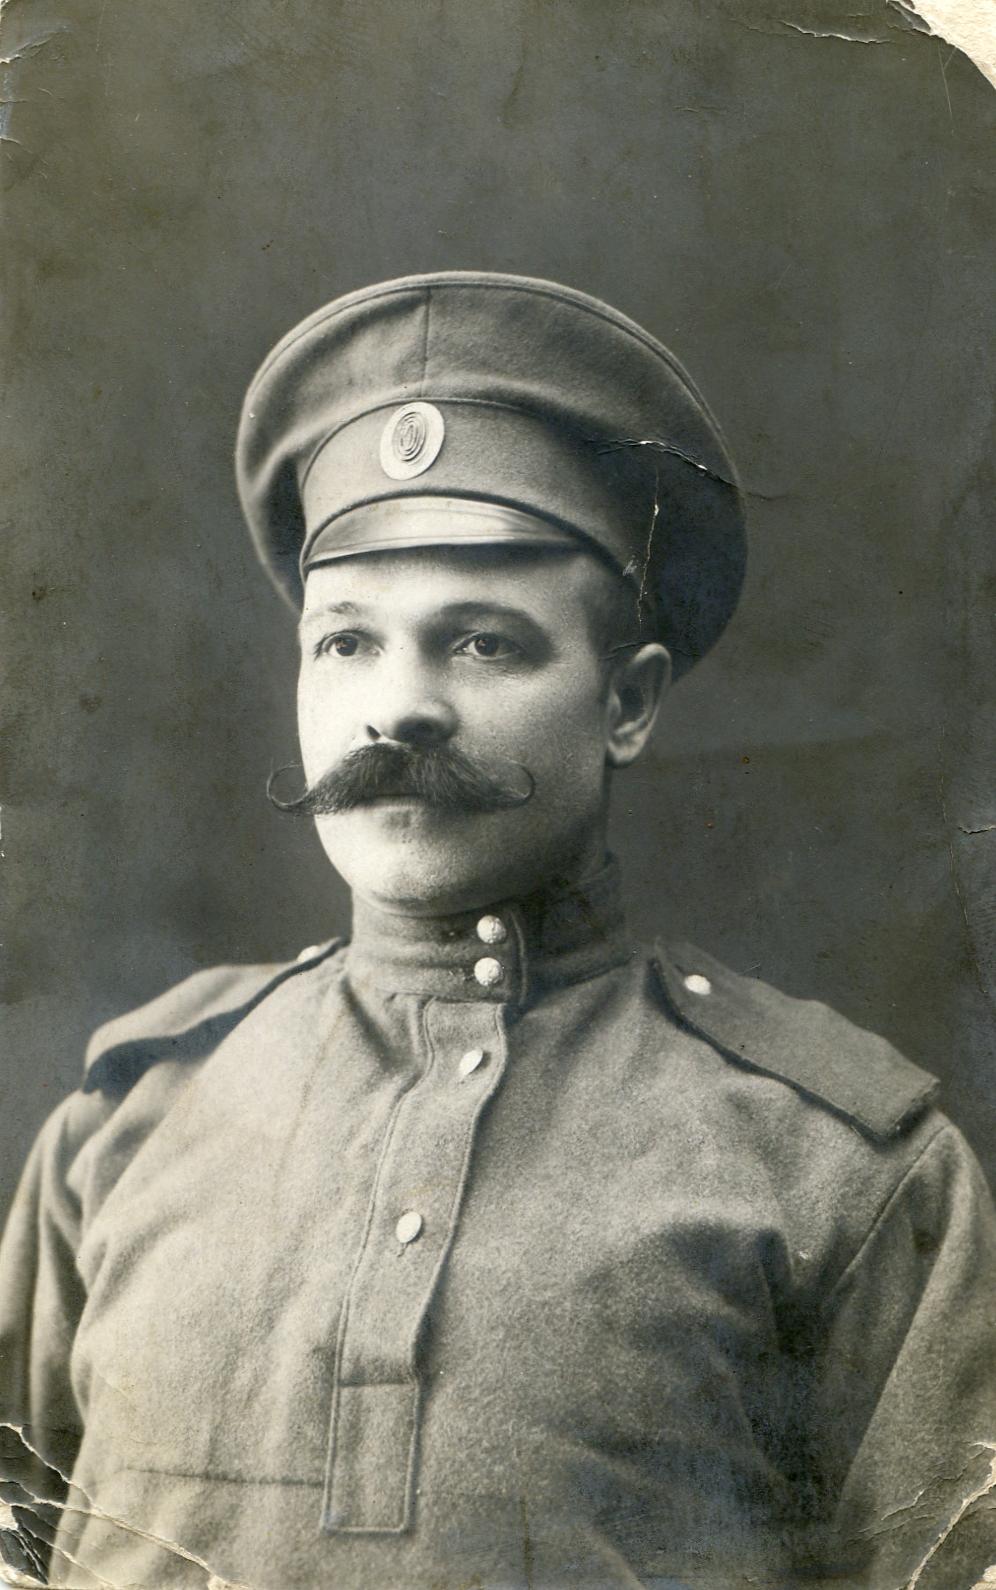 1915. Участник Первой мировой войны. Семеновский полк.